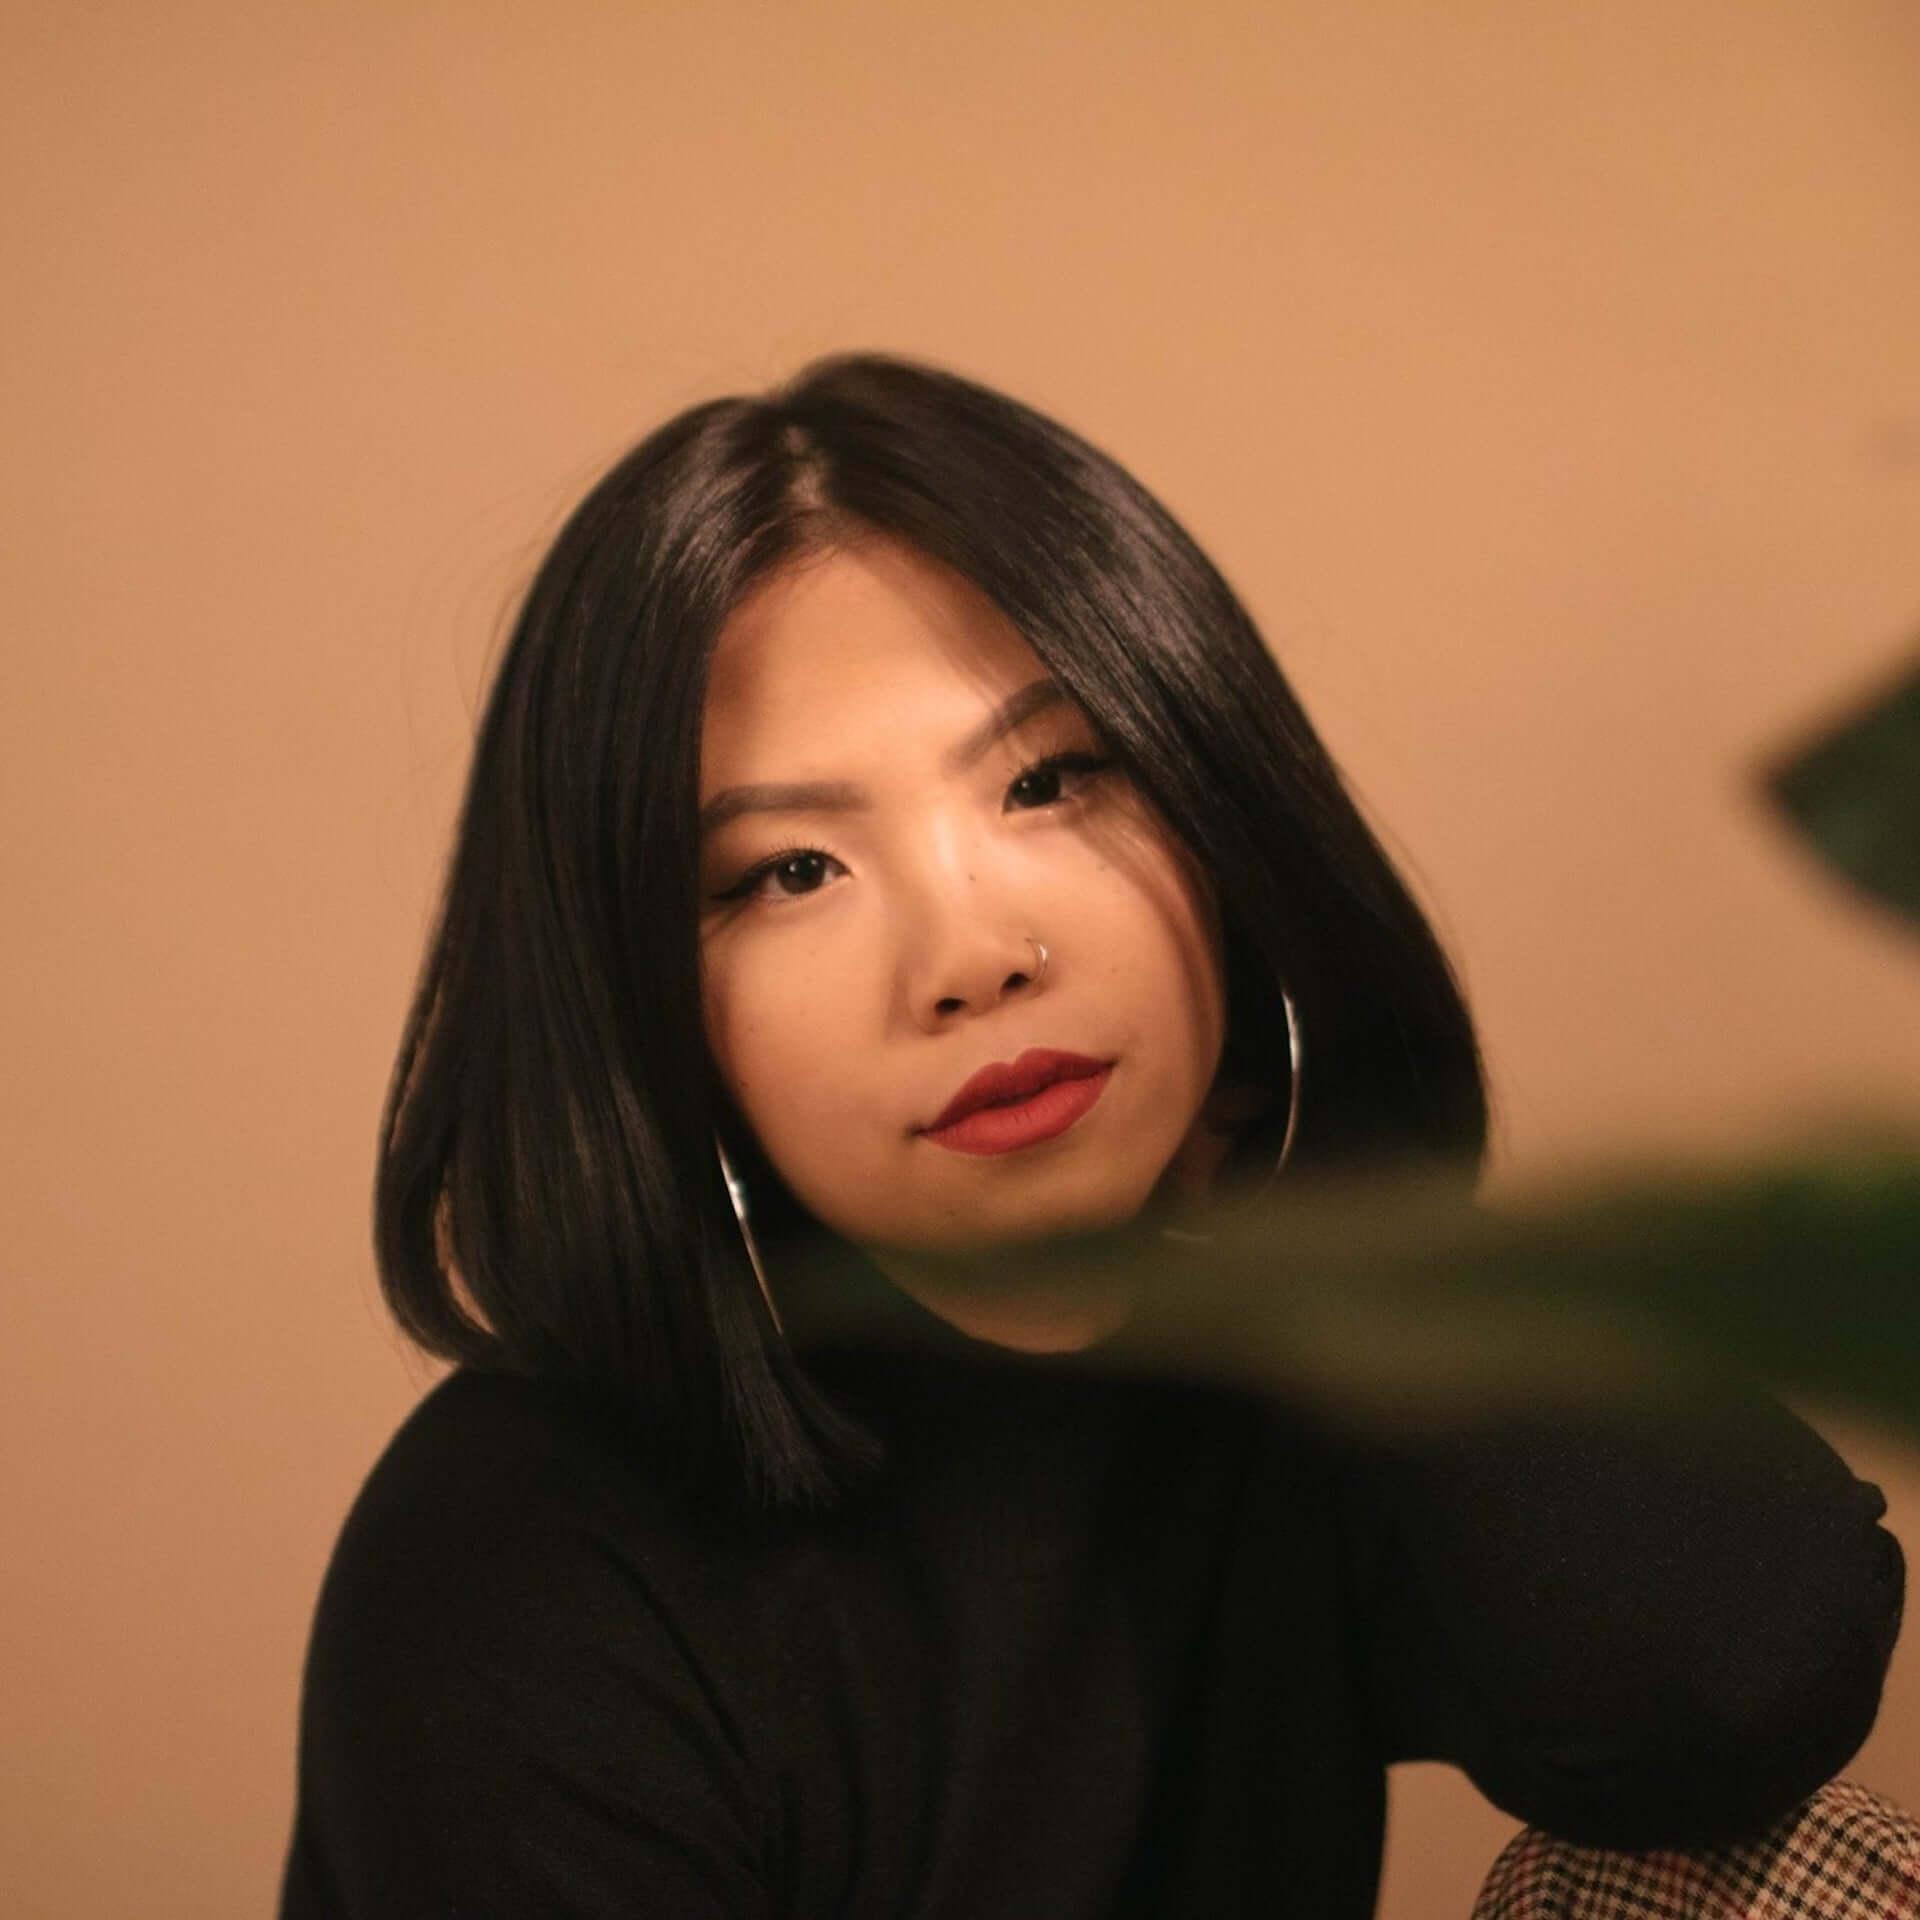 """illmoreがシンガポールのSSW、Joie Tanを迎えた新曲""""Displaced""""をリリース!リリックビデオも公開 music201106_illmore_2-1920x1920"""